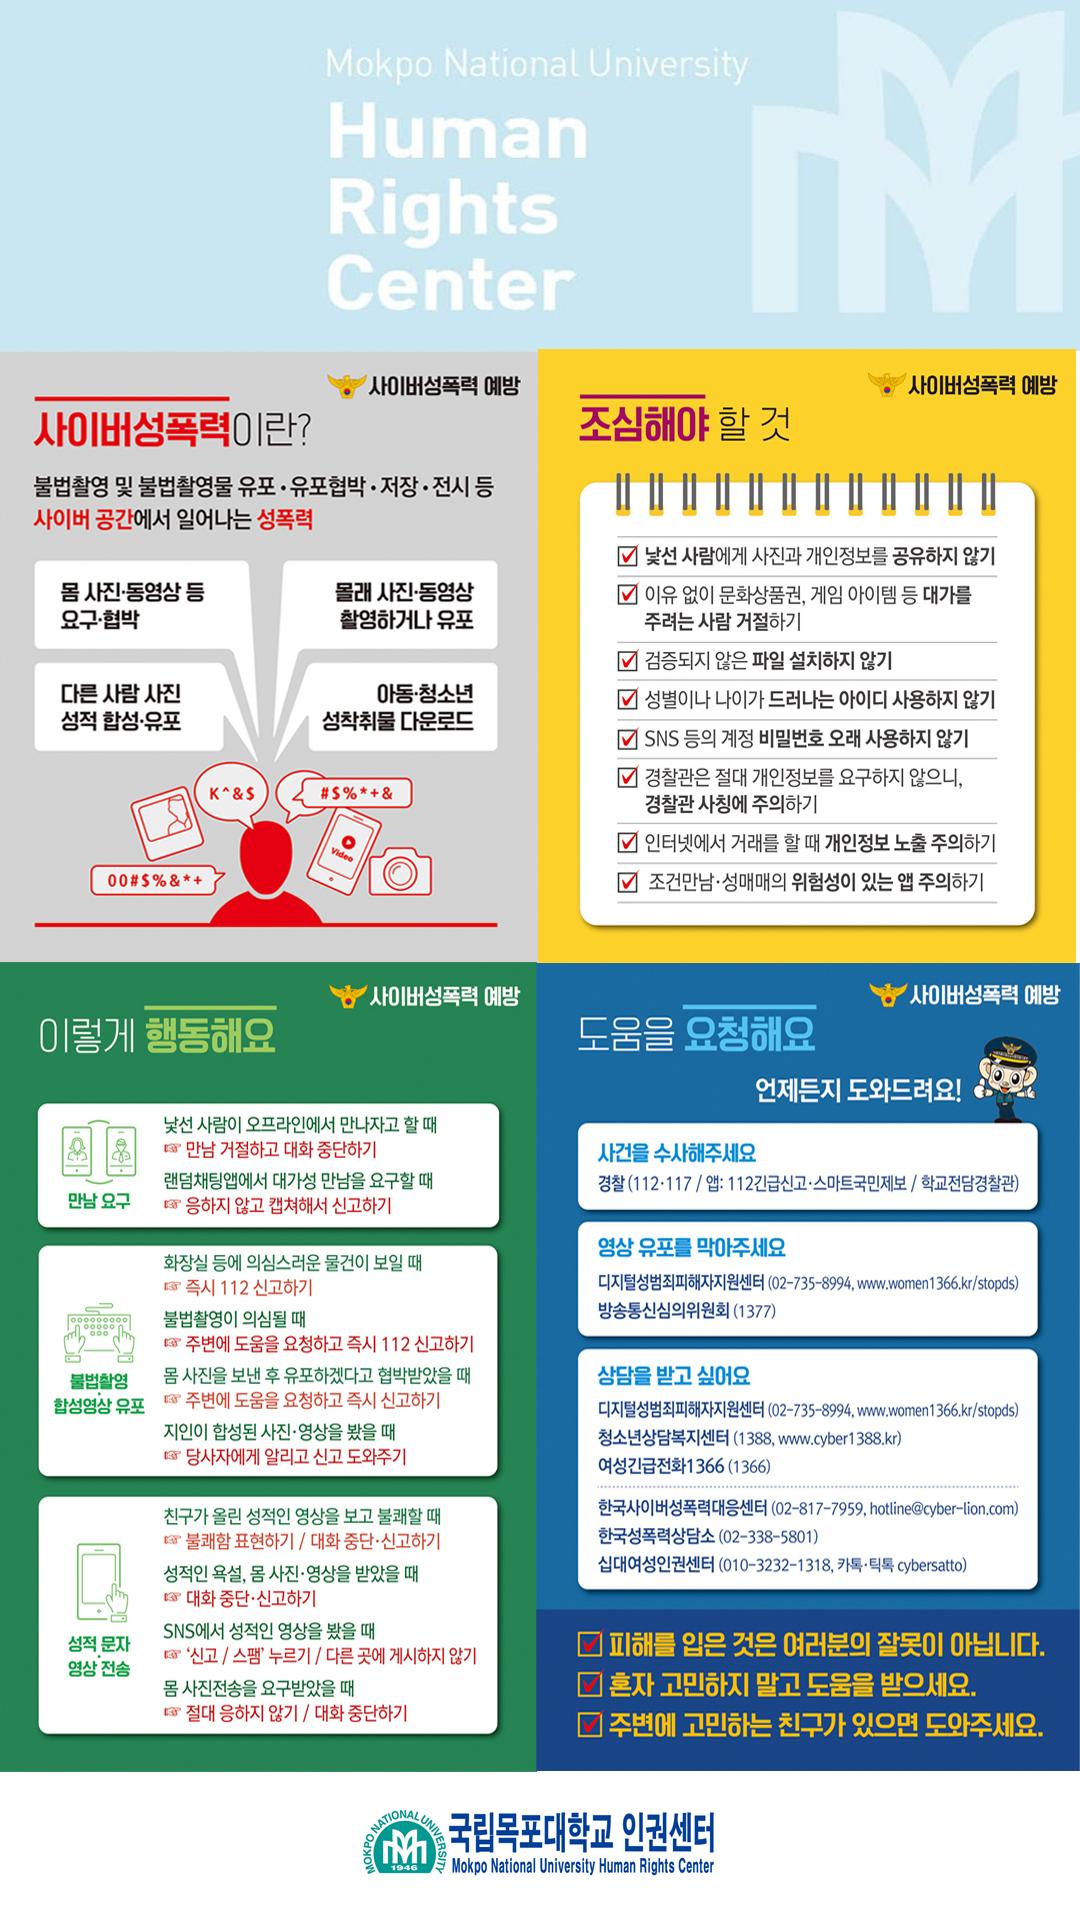 사이버 성폭력 범죄 예방 안내_1.jpg